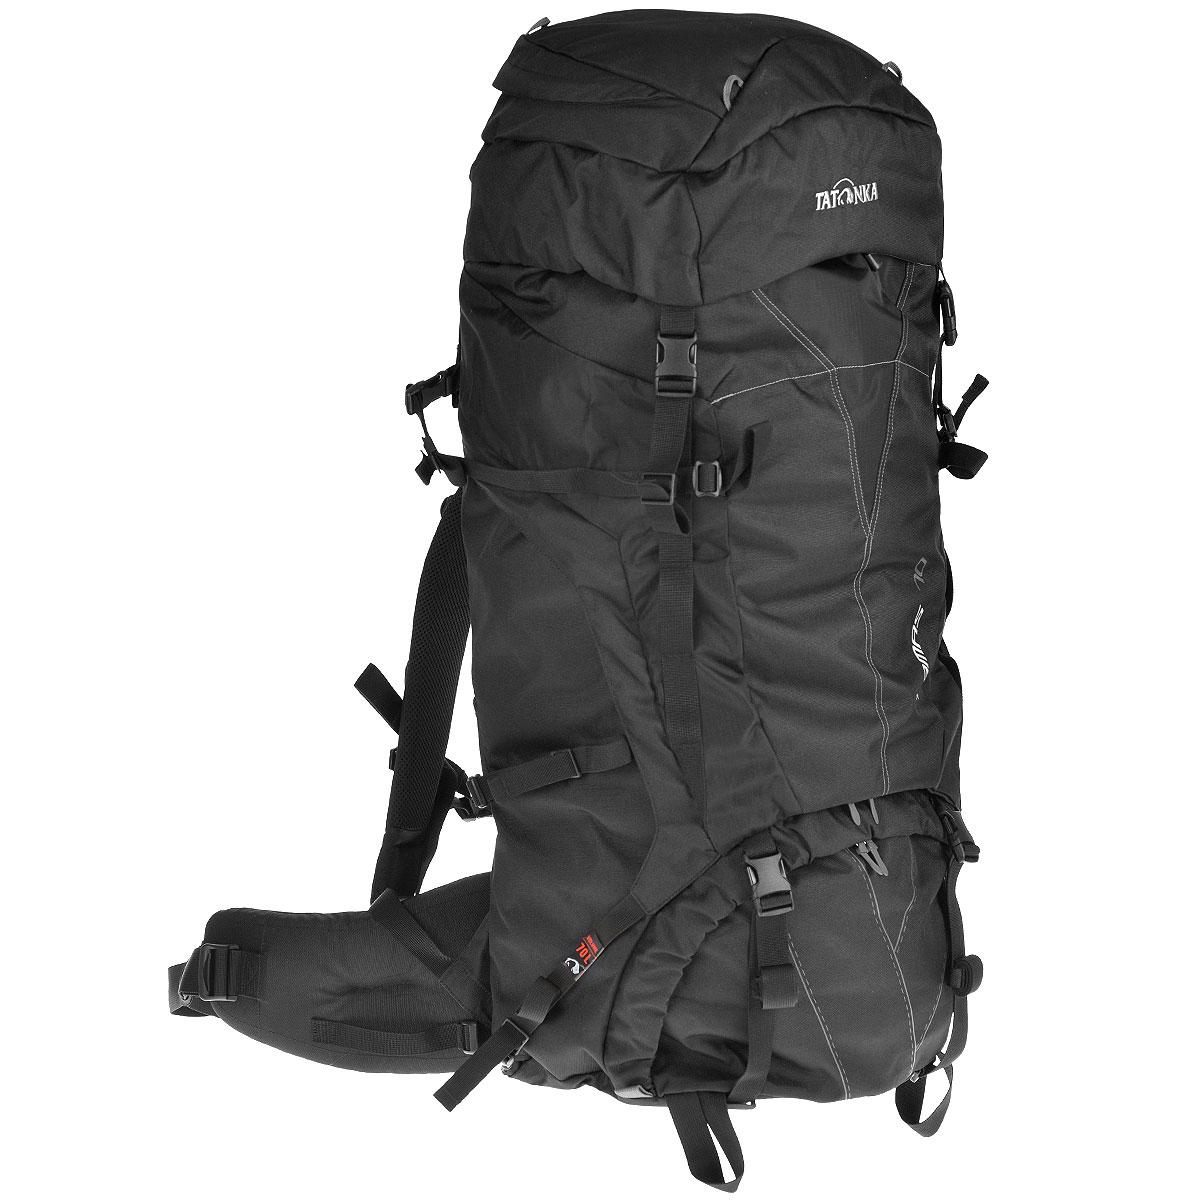 Рюкзак туристический Tatonka Tamas 70, цвет: черный, 70 л6017.040Вместительный рюкзак Tatonka Tamas 70 среднего объема. Отличный выбор для походов на байдарках - алюминиевые шины легко вытаскиваются из спины рюкзака и его можно компактно сложить и убрать в лодку. Преимущества и особенности: Система переноски: Y1 Широкий поясной ремень Лямки регулируются по высоте, длине и плотности прилегания к рюкзаку Крышка рюкзака регулируется по высоте Доступ в основное отделение сверху и в центральной части Съемное отделение между отделениями Шины жесткости легко снимаются Крепление для ледорубов и трекинговых палок Карман в крышке рюкзака Нагрудный ремень Утягивающие ремни по бокам.